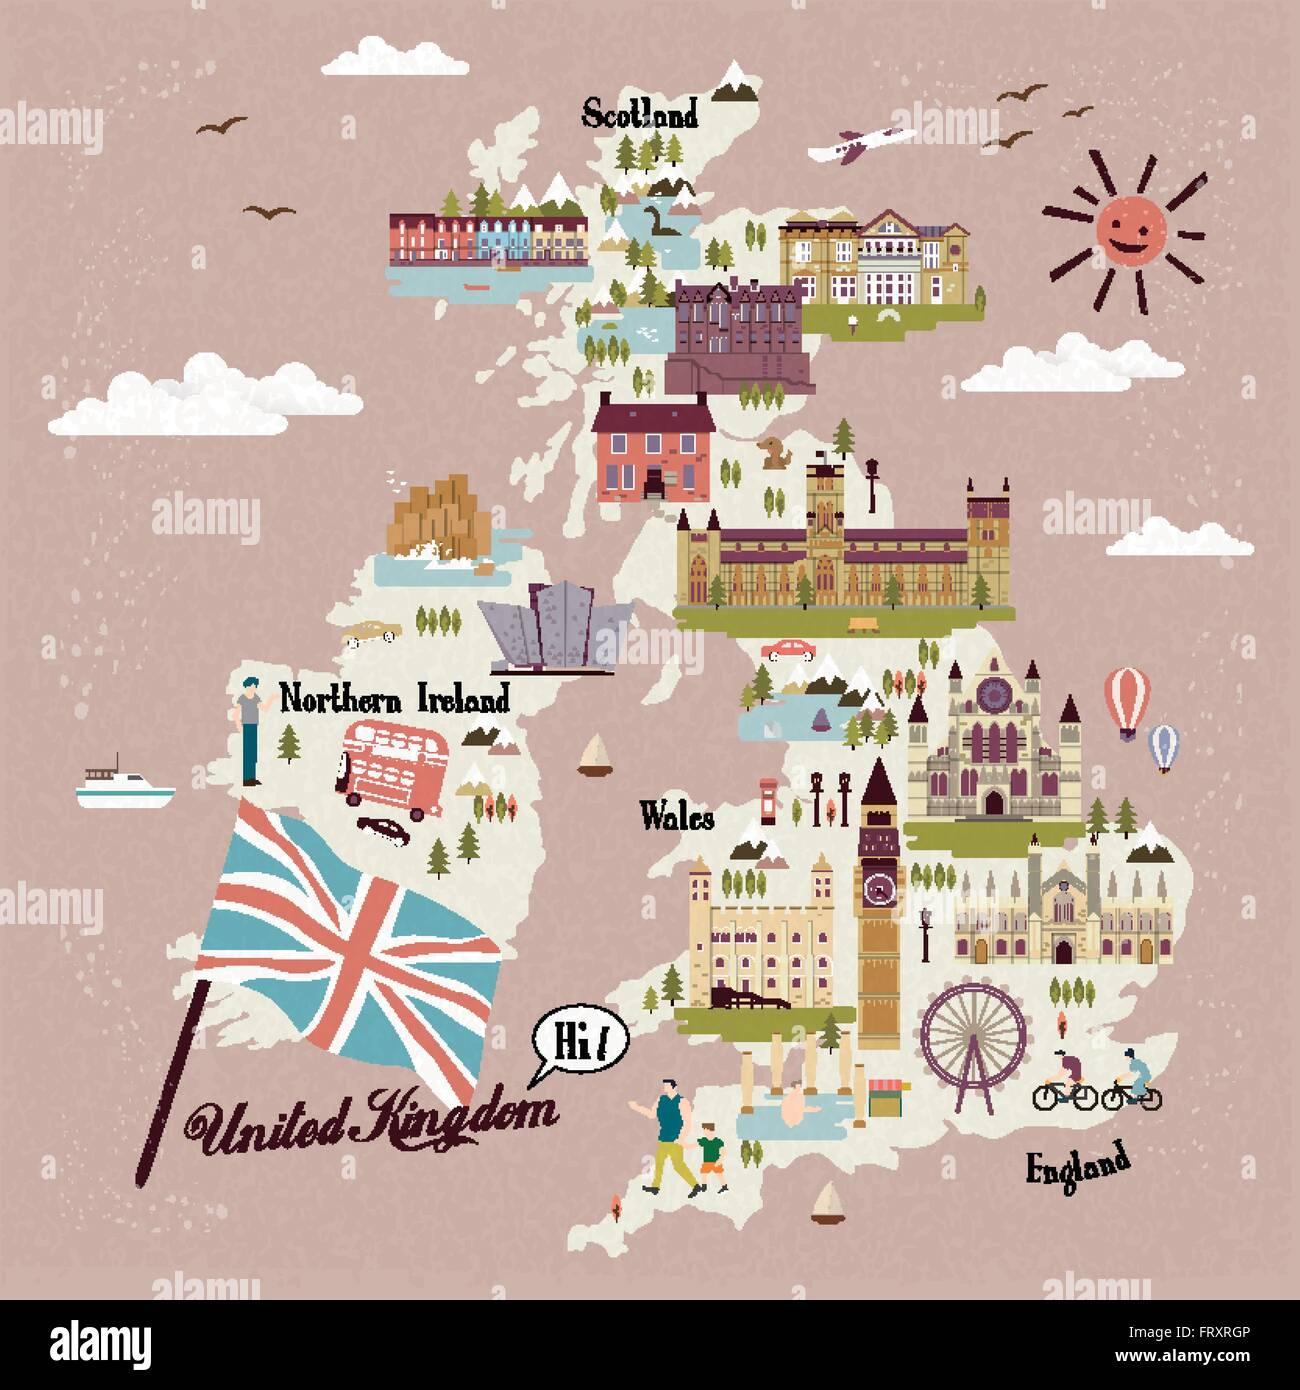 Sehenswürdigkeiten Großbritannien Karte.Entzückende Großbritannien Reise Karte Mit Sehenswürdigkeiten Vektor